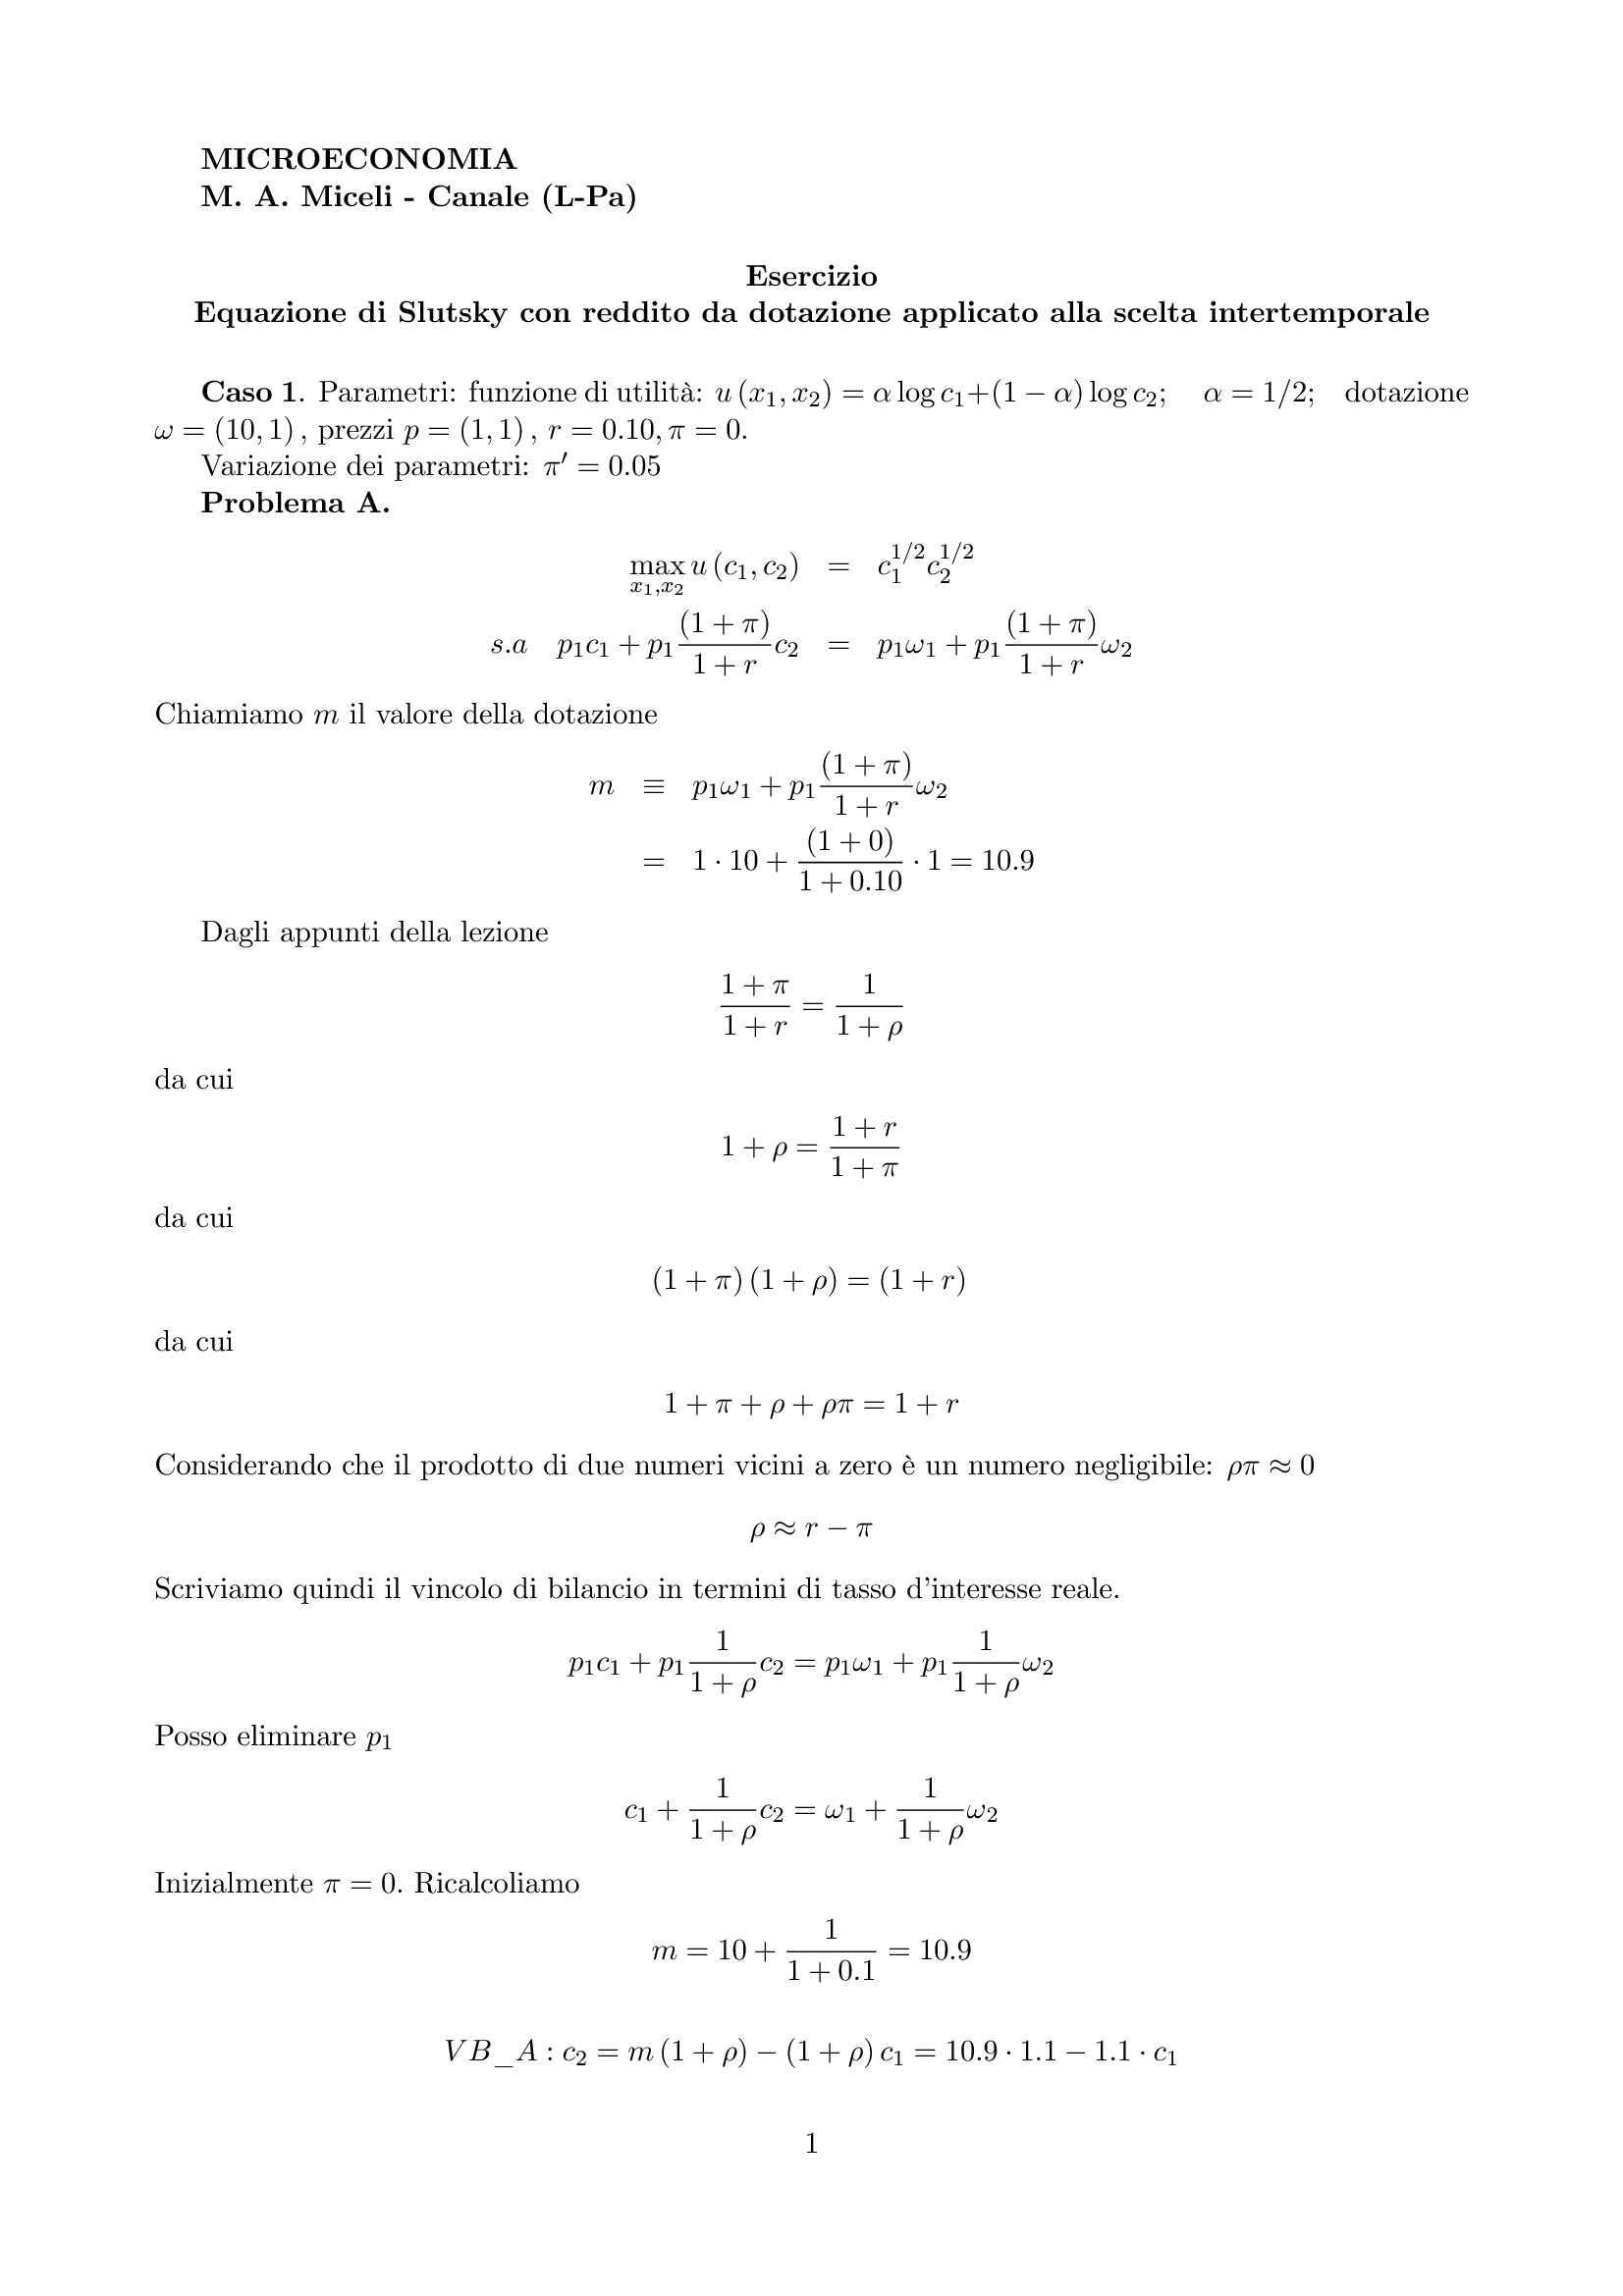 esercitazione M. Miceli Microeconomia I